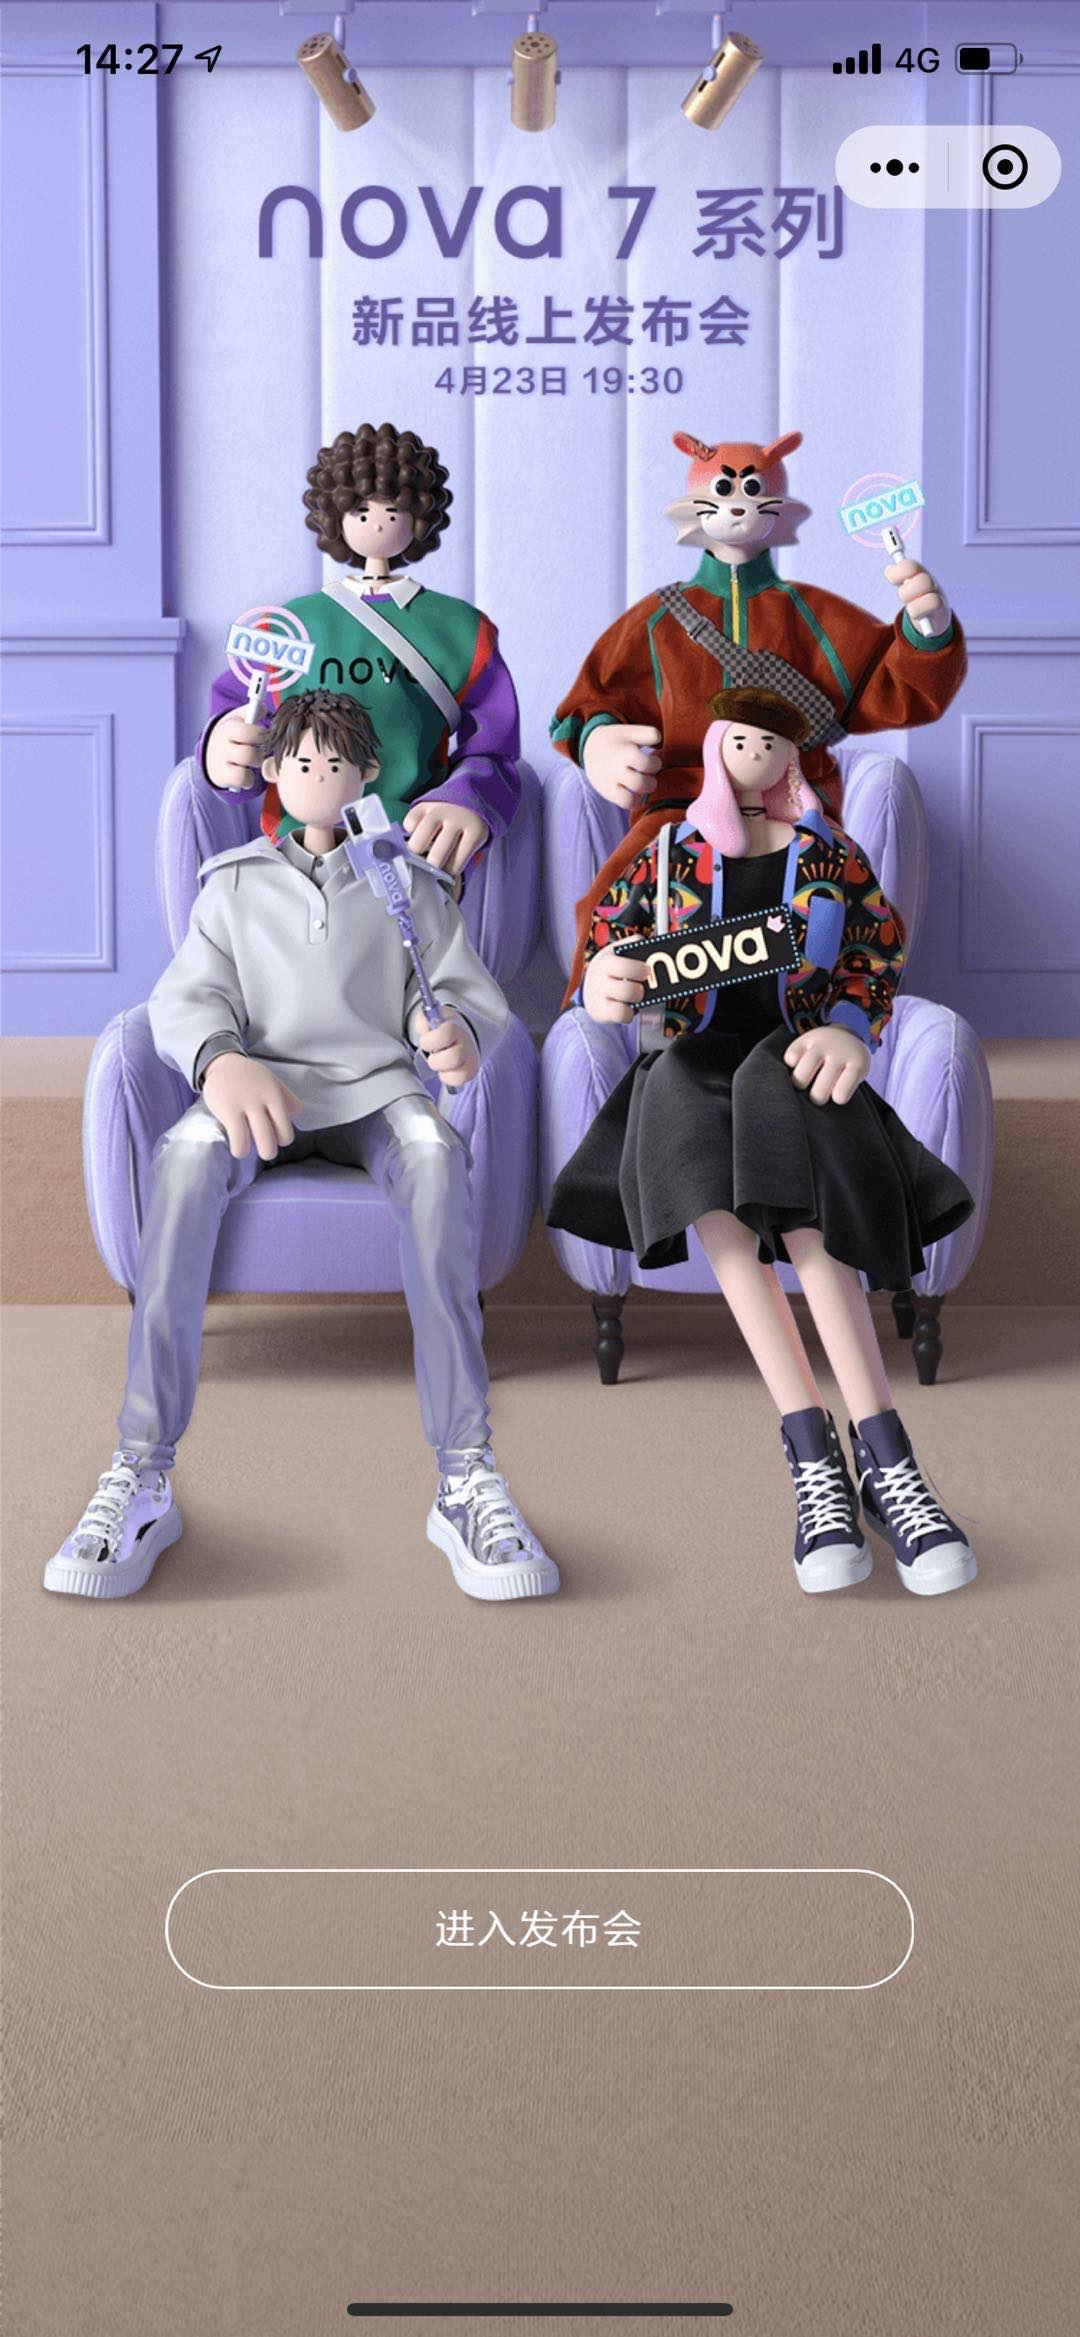 华为nova7系列线上发布会观看指南:选好座位,自成焦点!